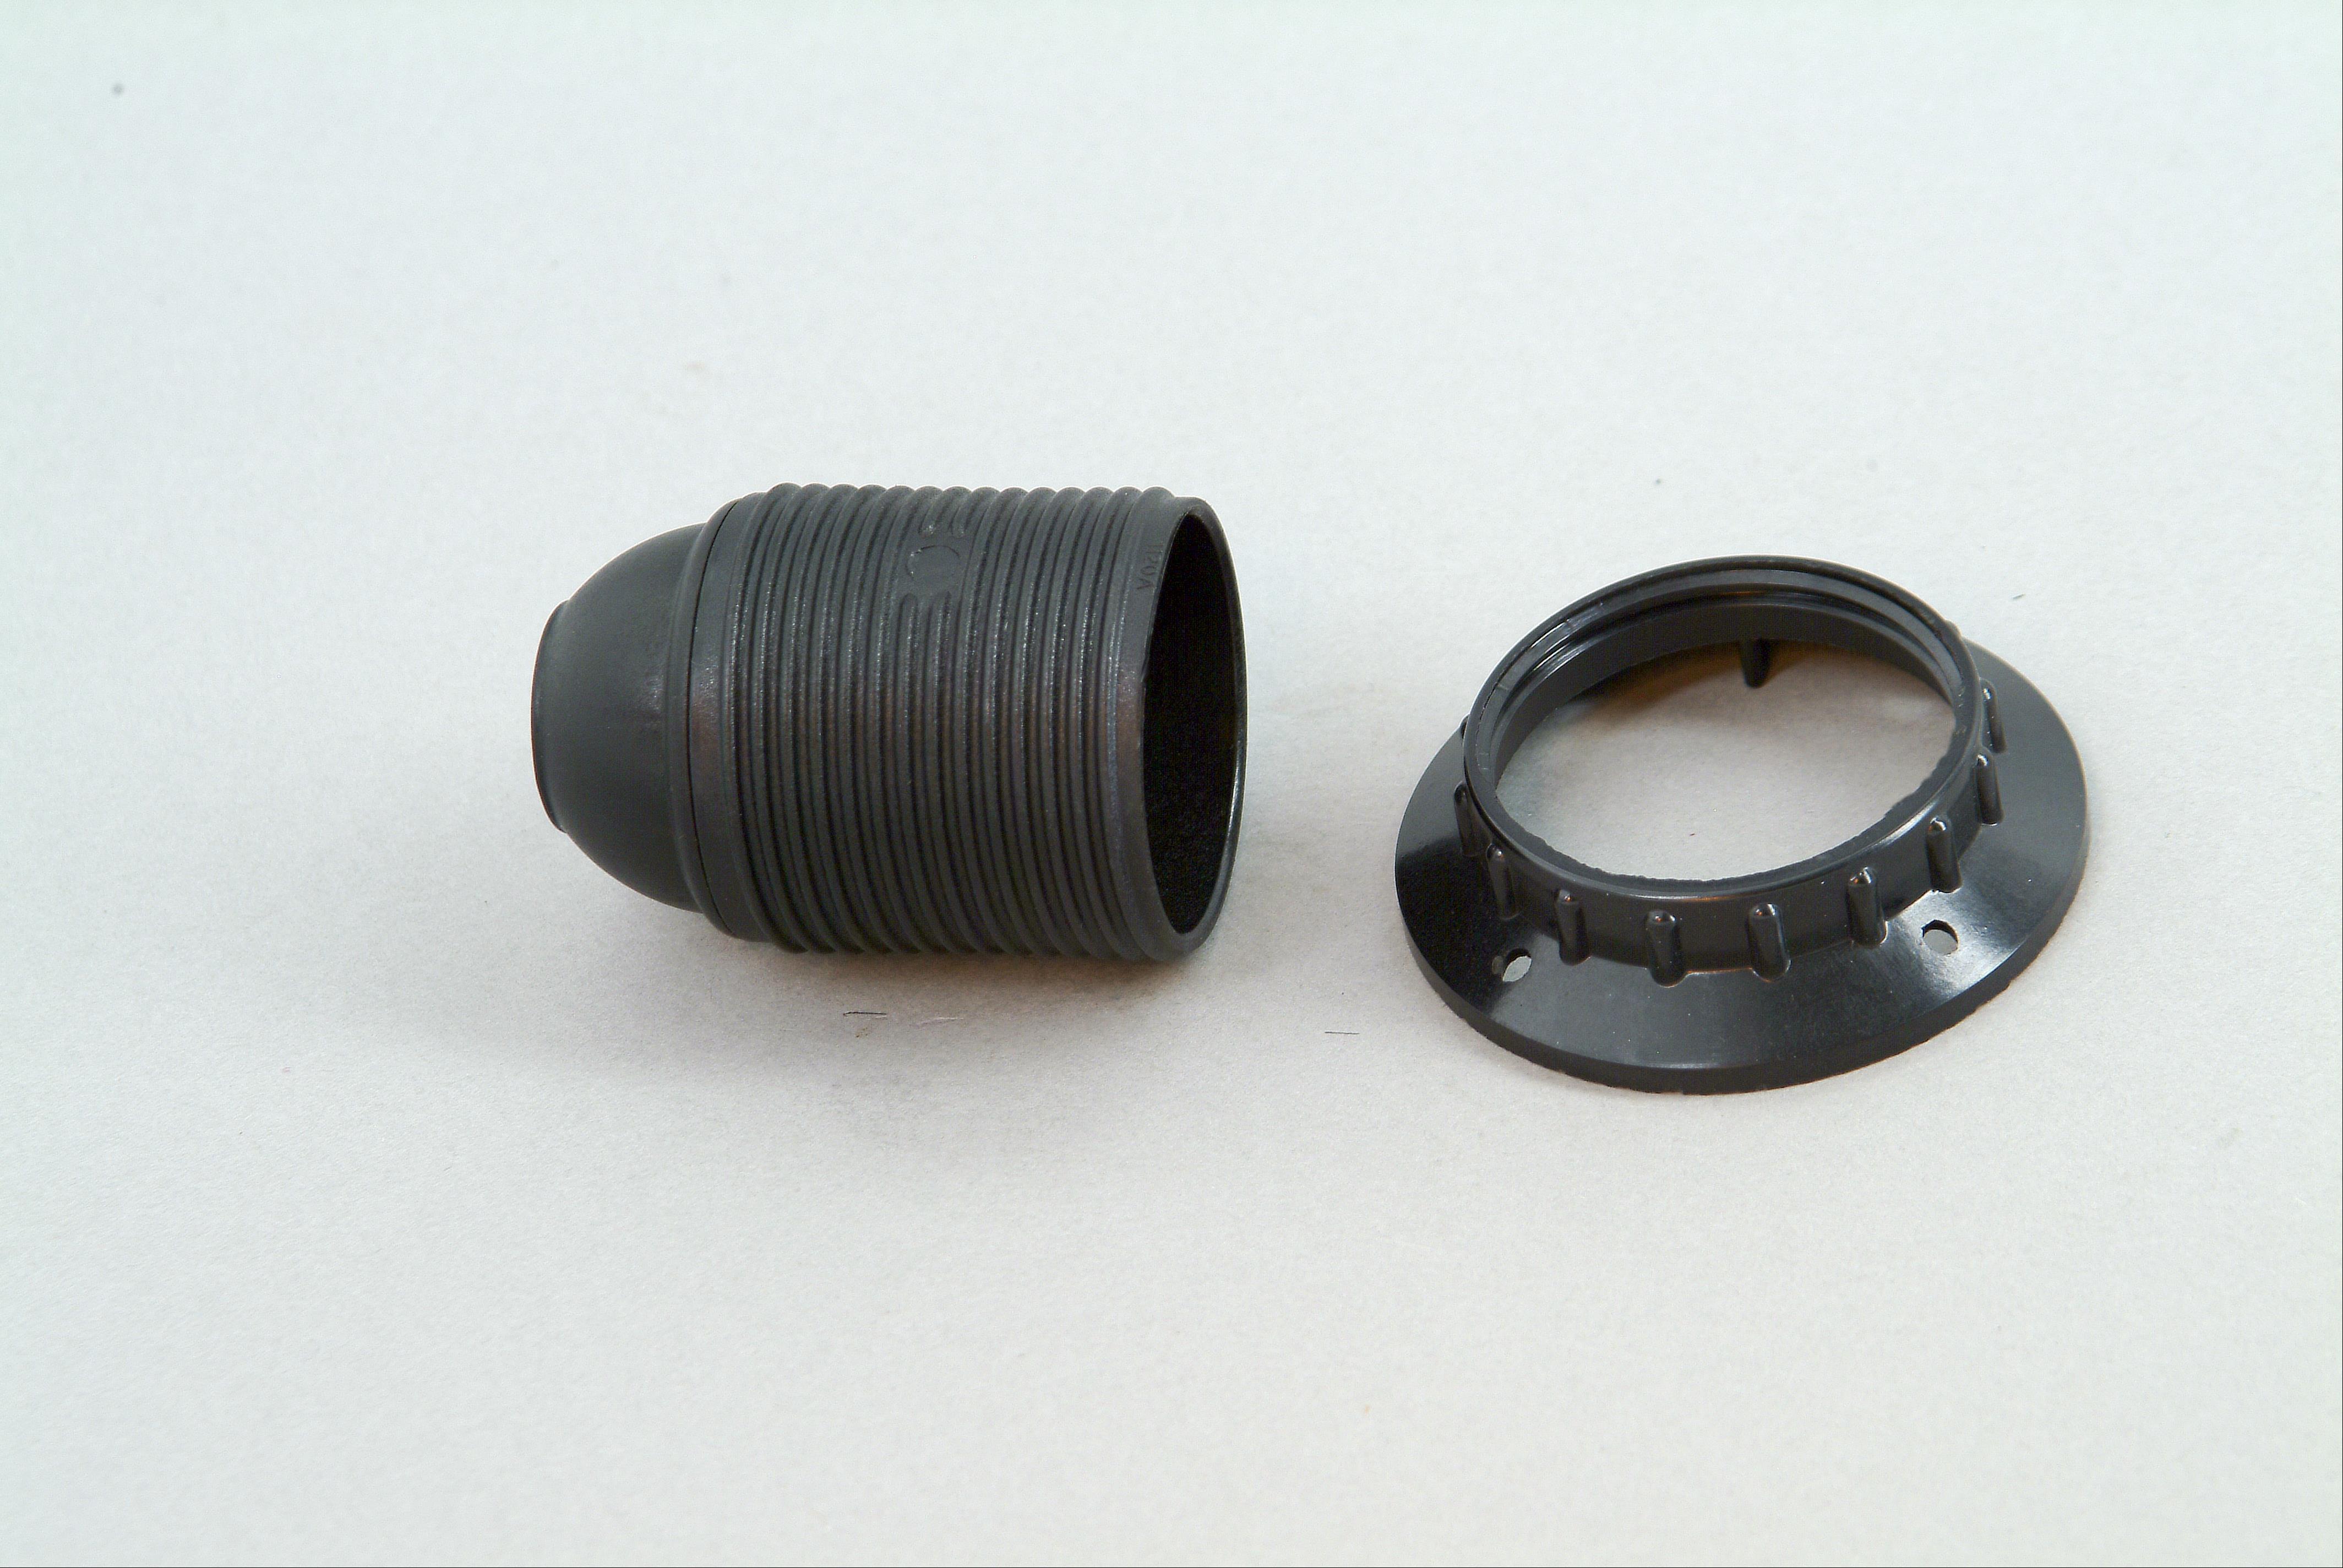 Kopp Isolierstoff - Fassung mit Außengewindemantel E27 Bild 1